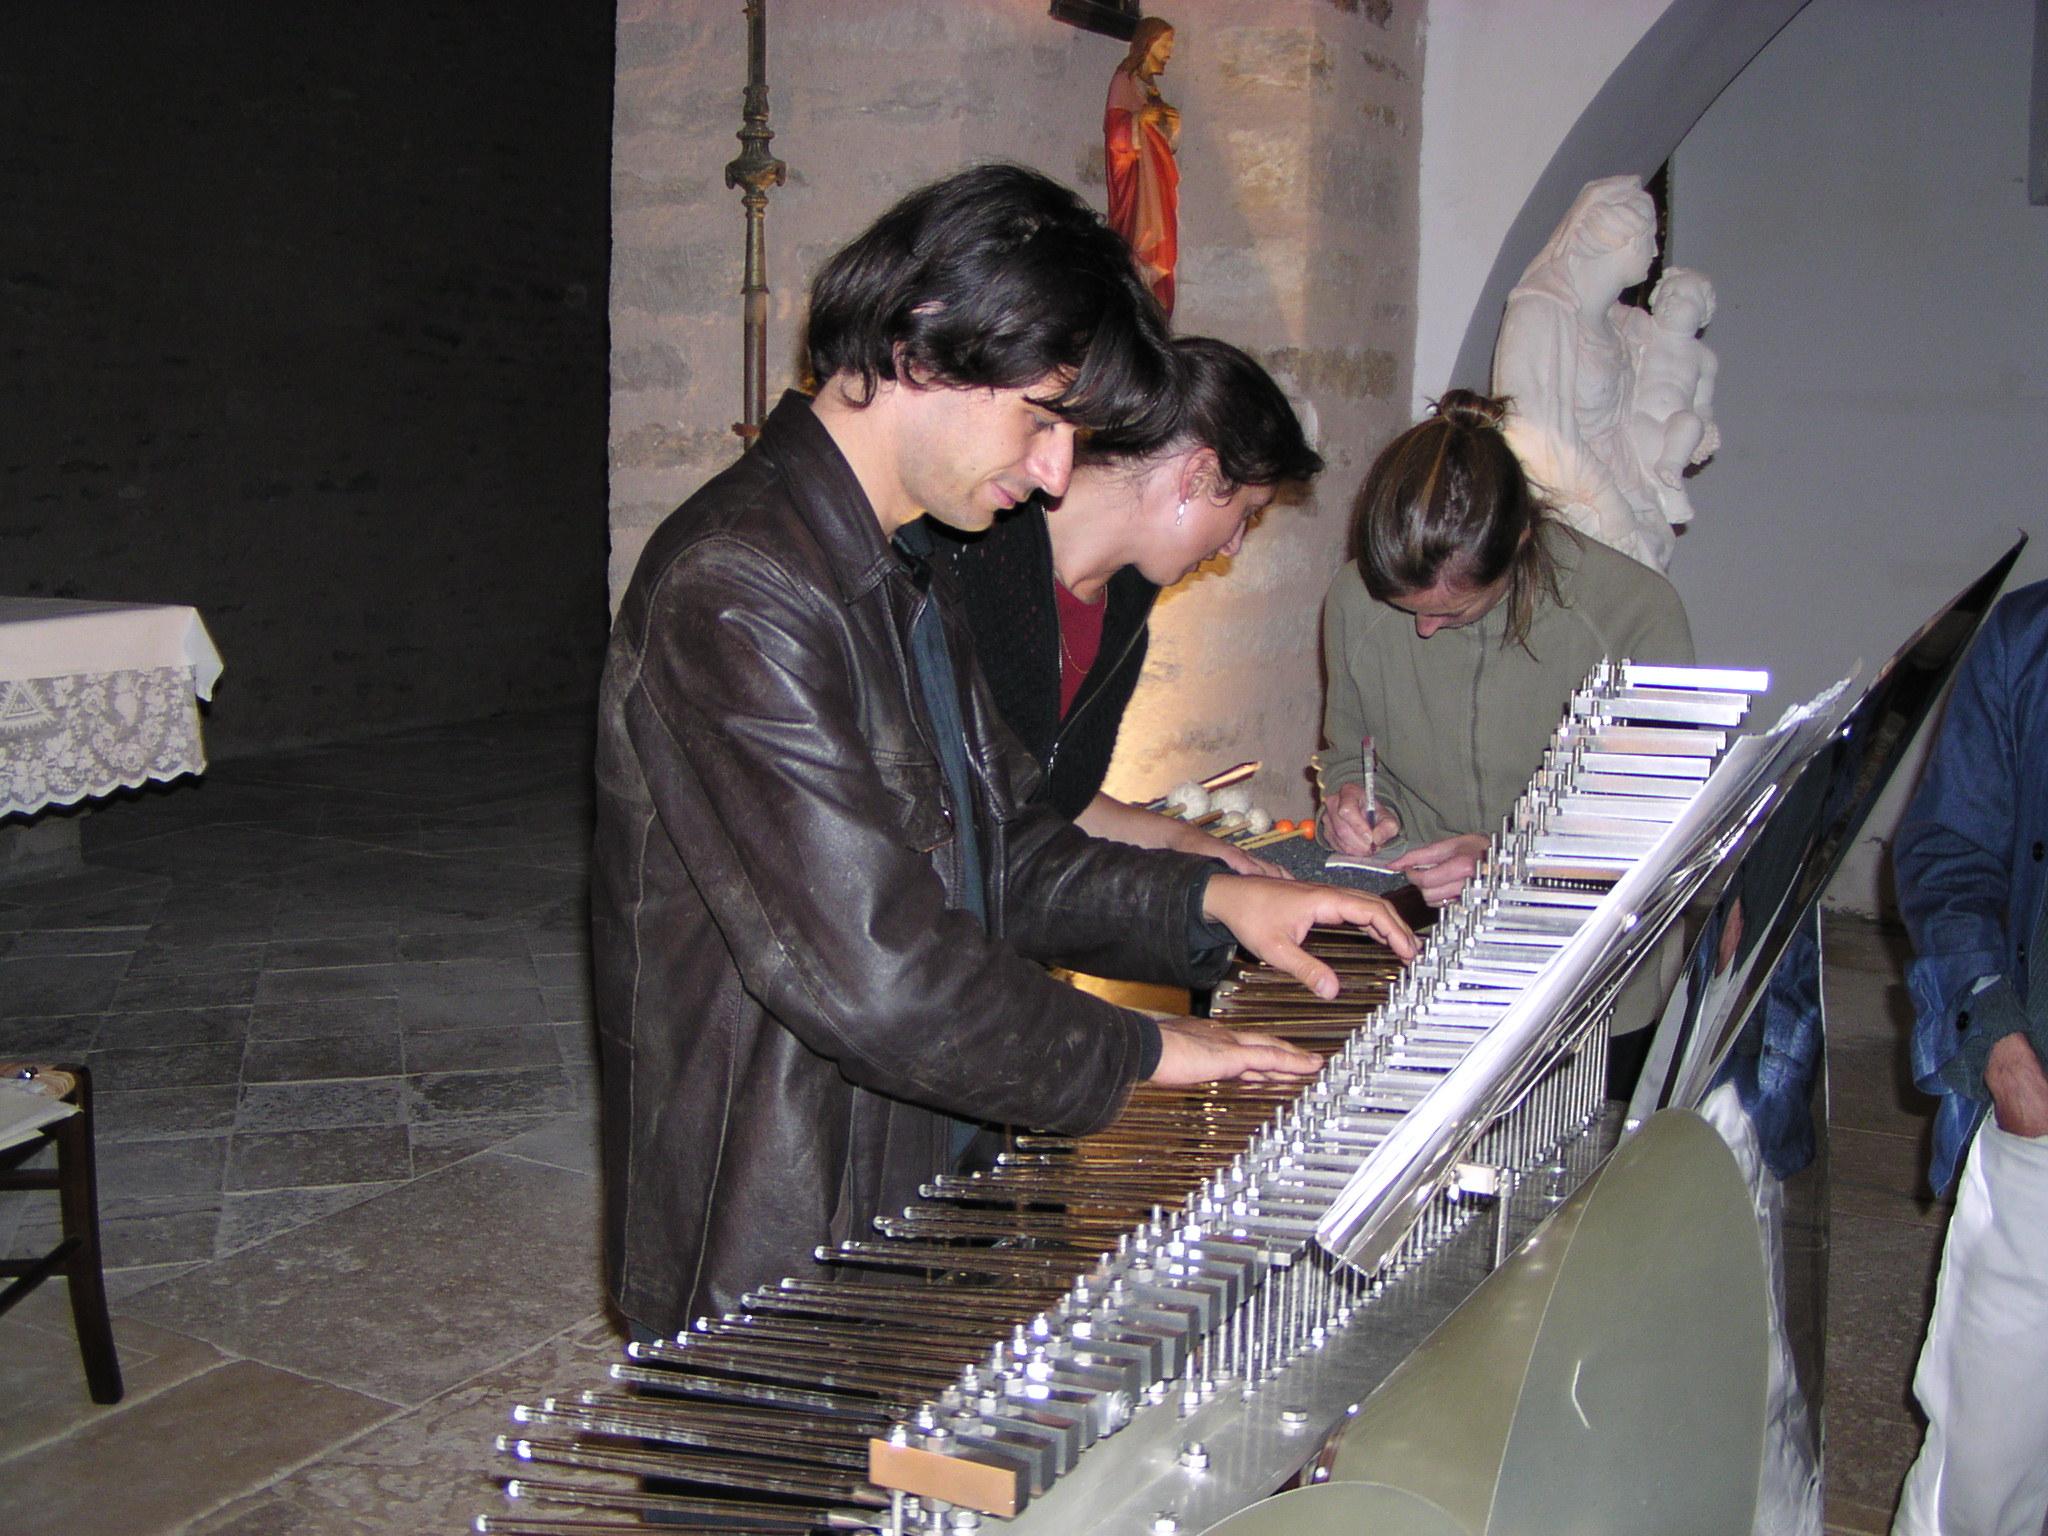 Le pianiste Pascal Pistone s'essaie au Cristal Baschet